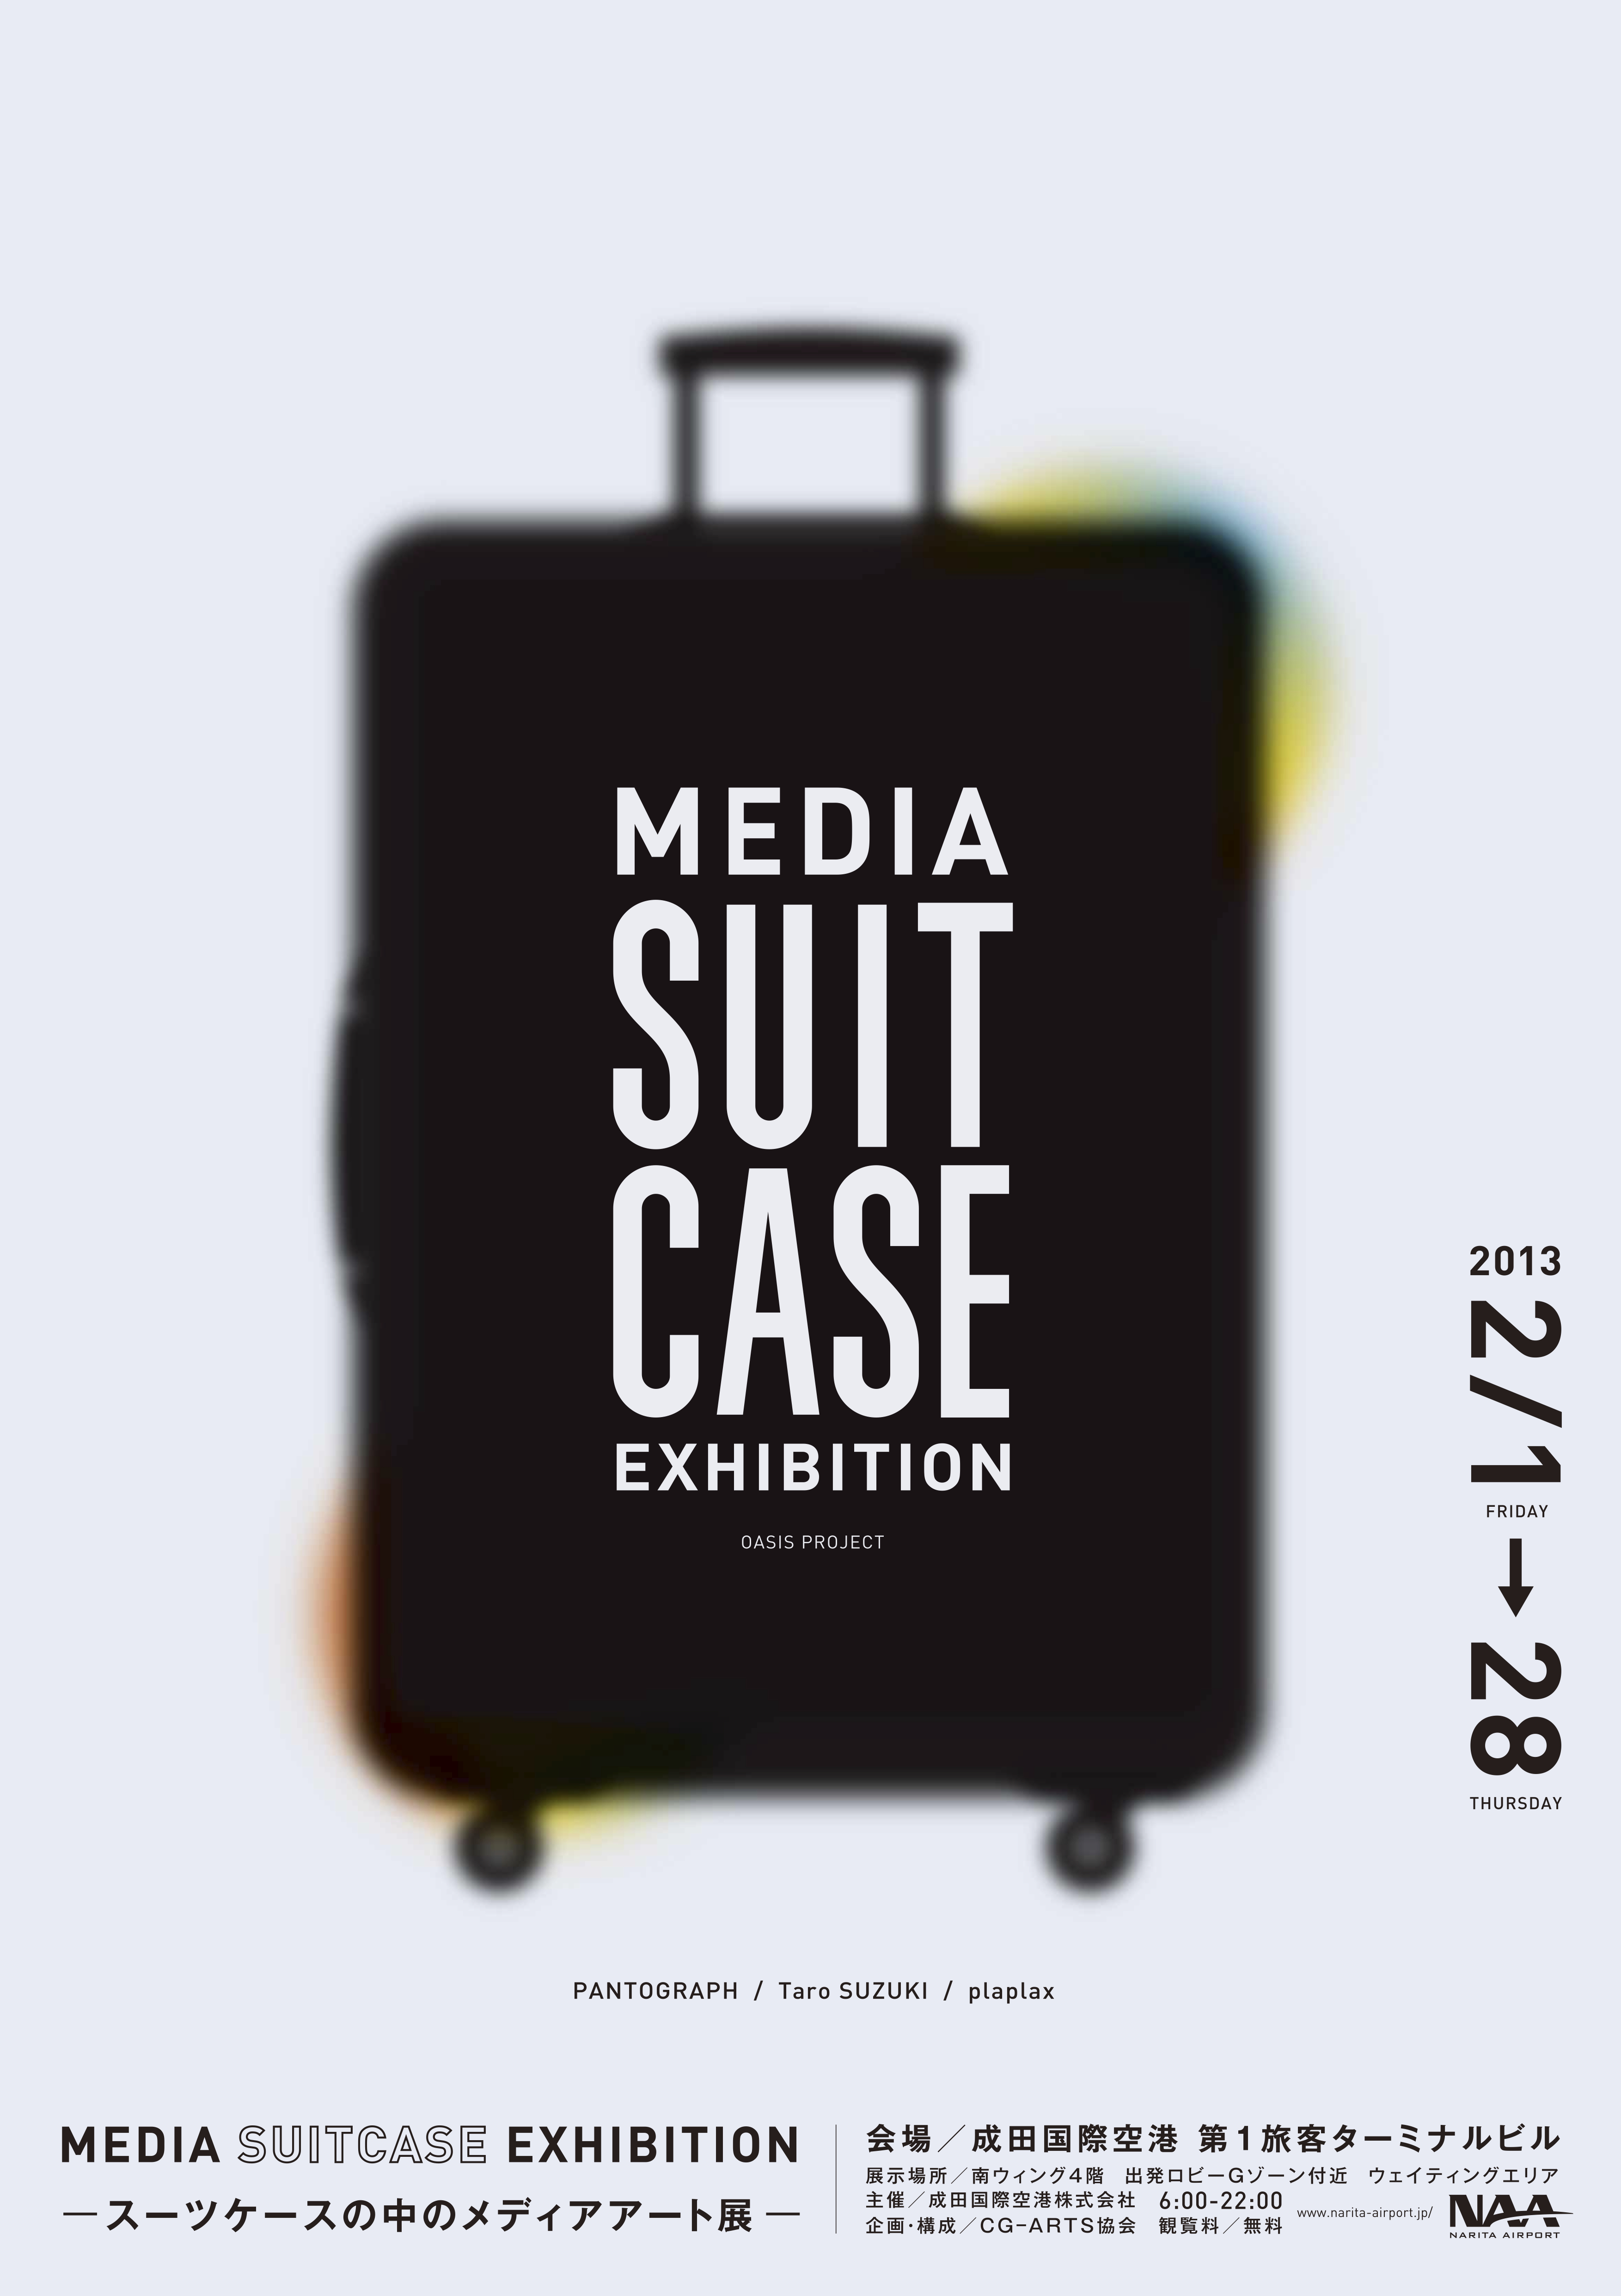 MEDIA SUITCASE EXHIBITION ―スーツケースの中のメディアアート展